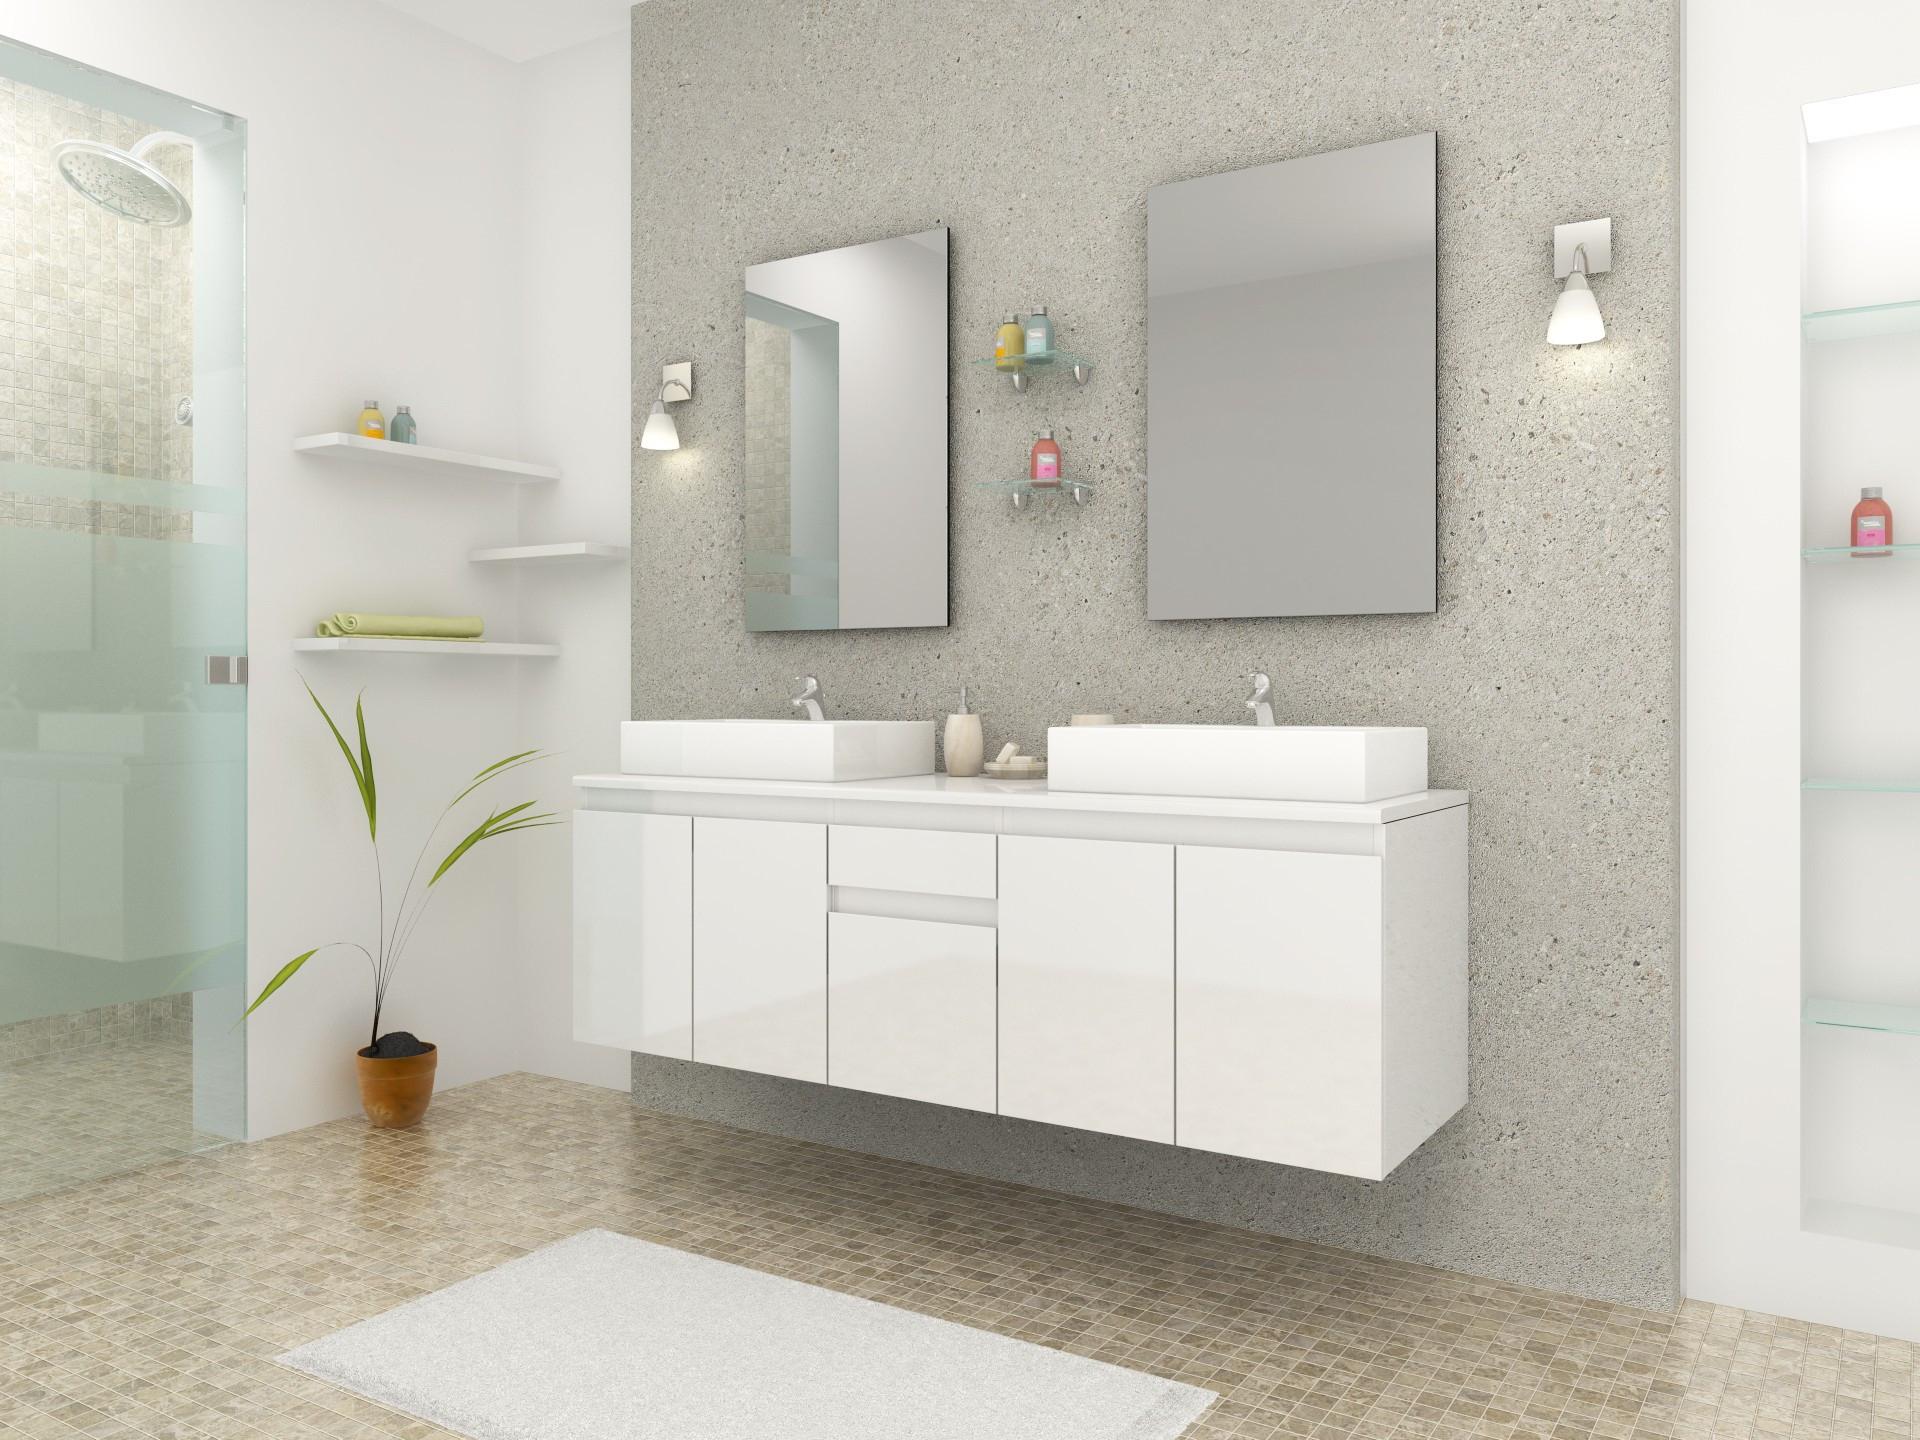 15 Concept Mr Bricolage Meuble Salle De Bain avec Meuble Salle De